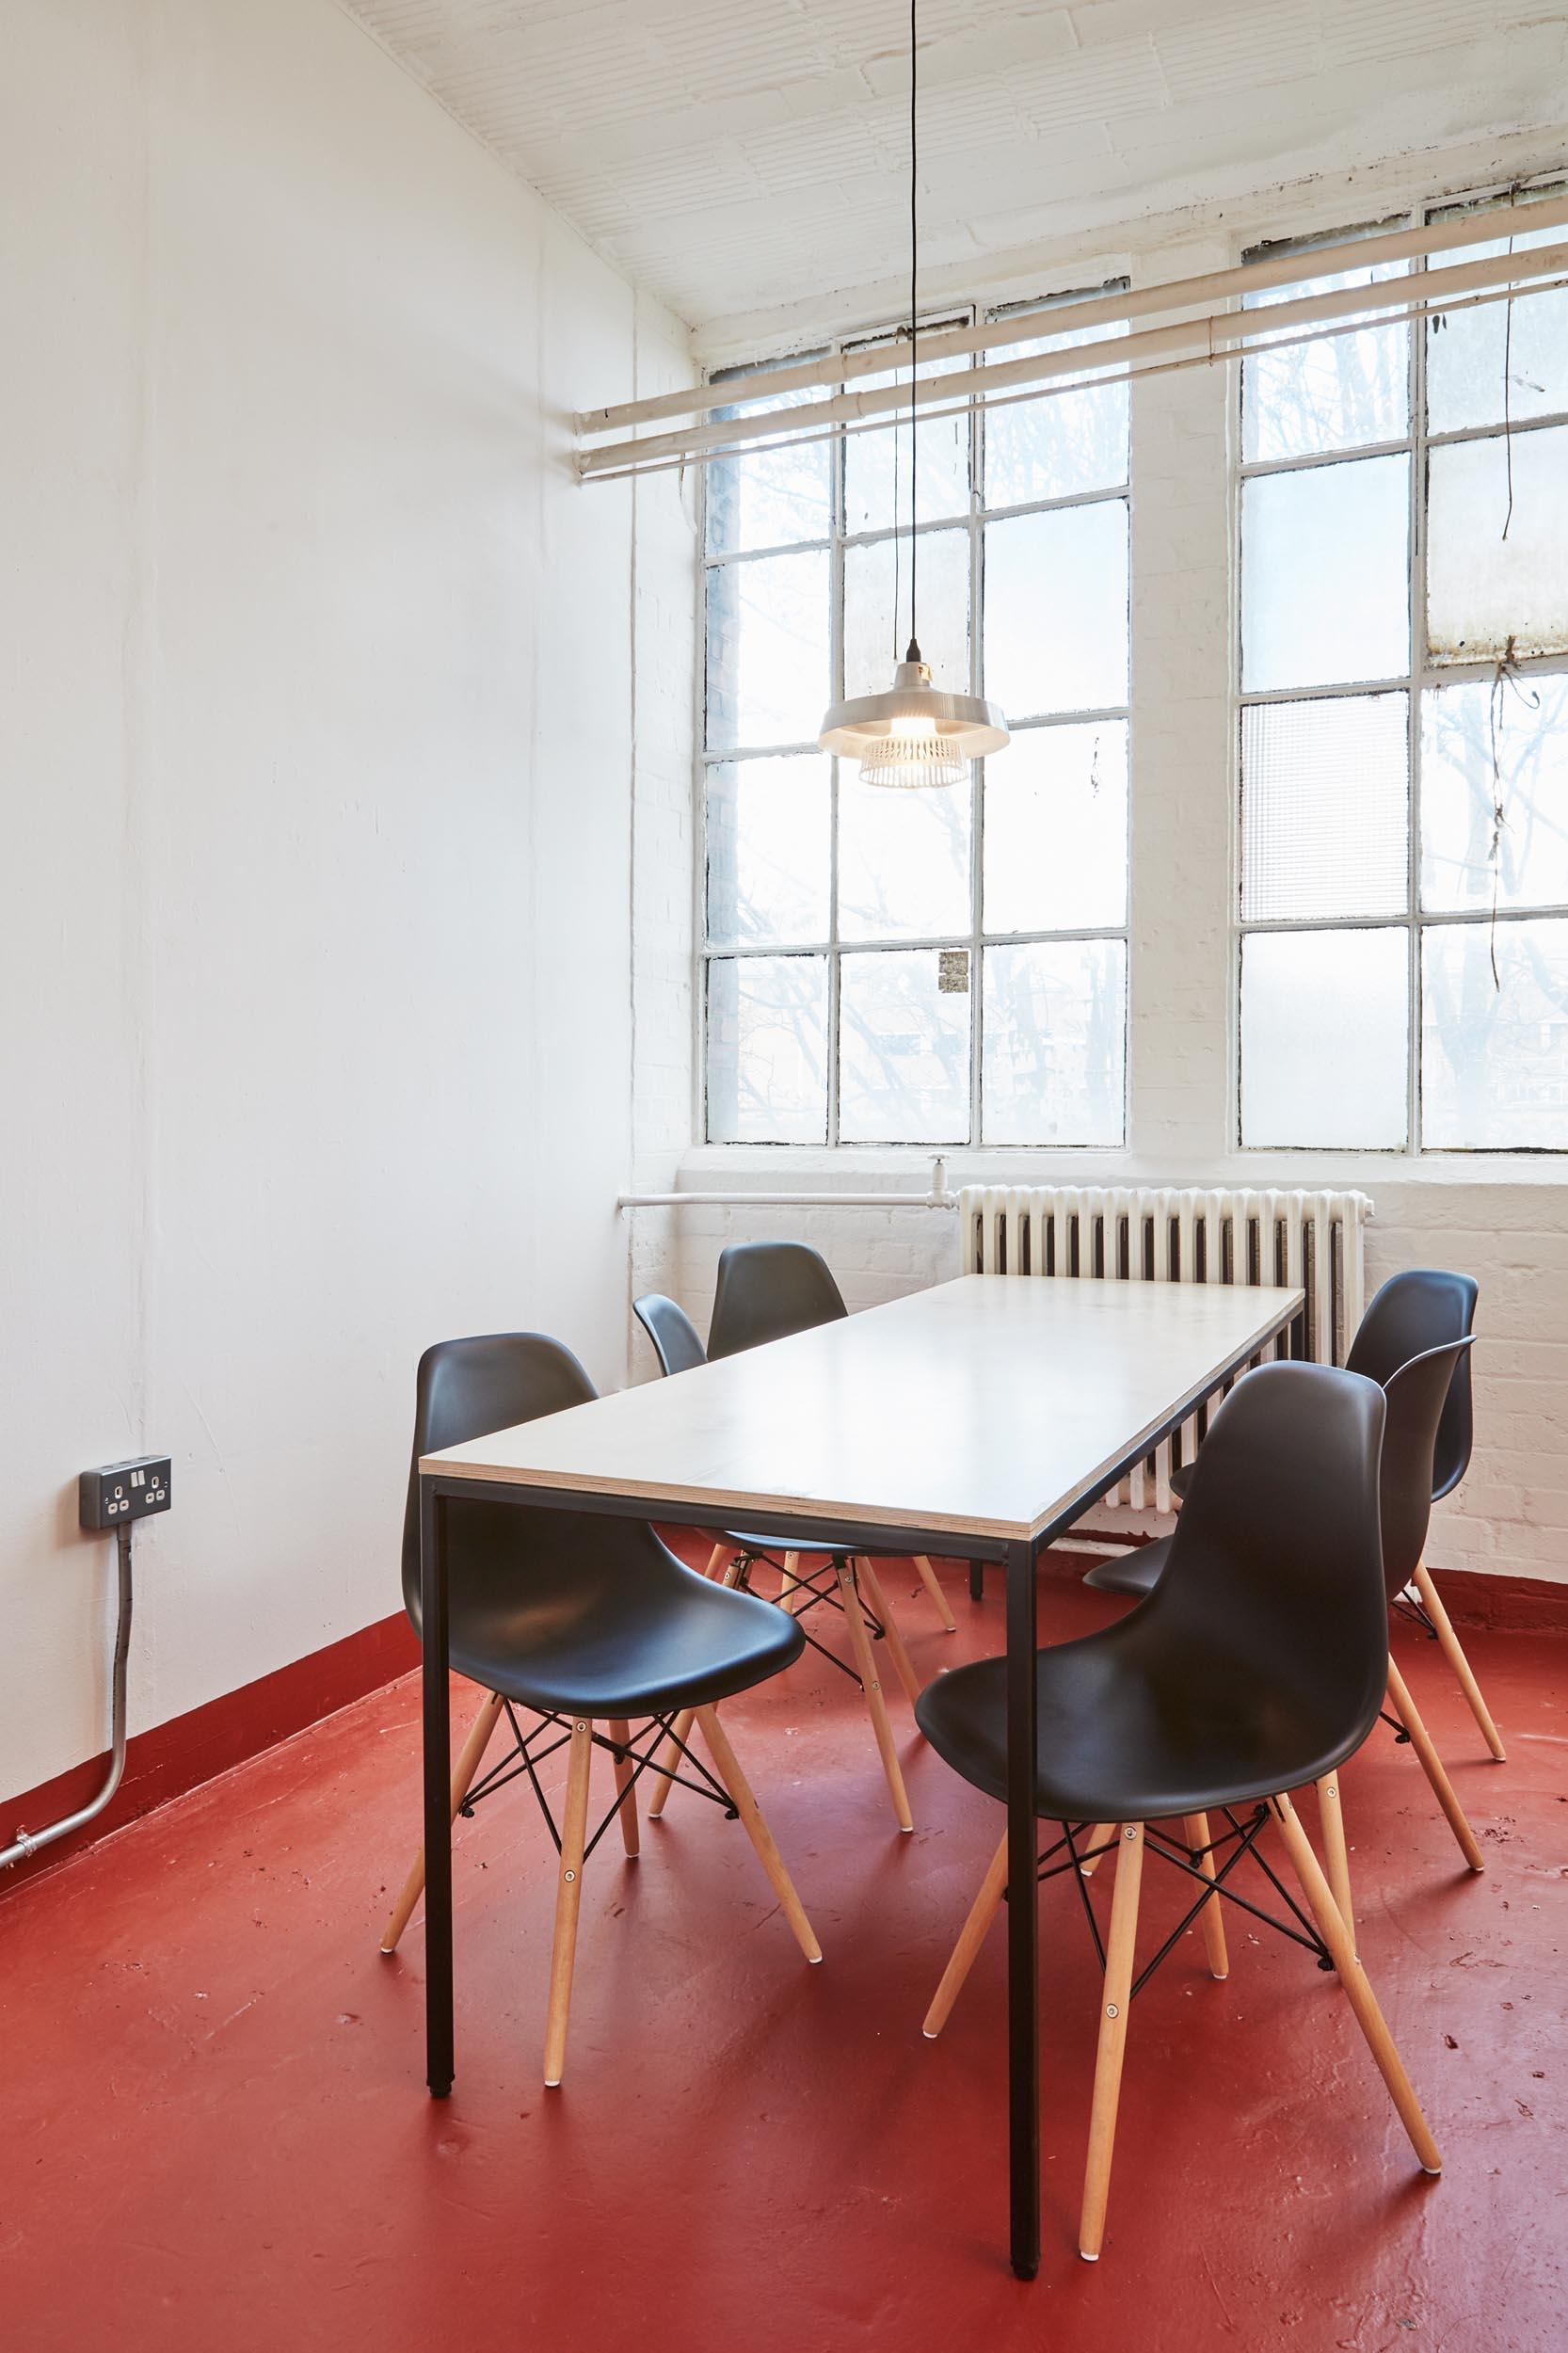 Meeting Room - Office Club - RYE Design